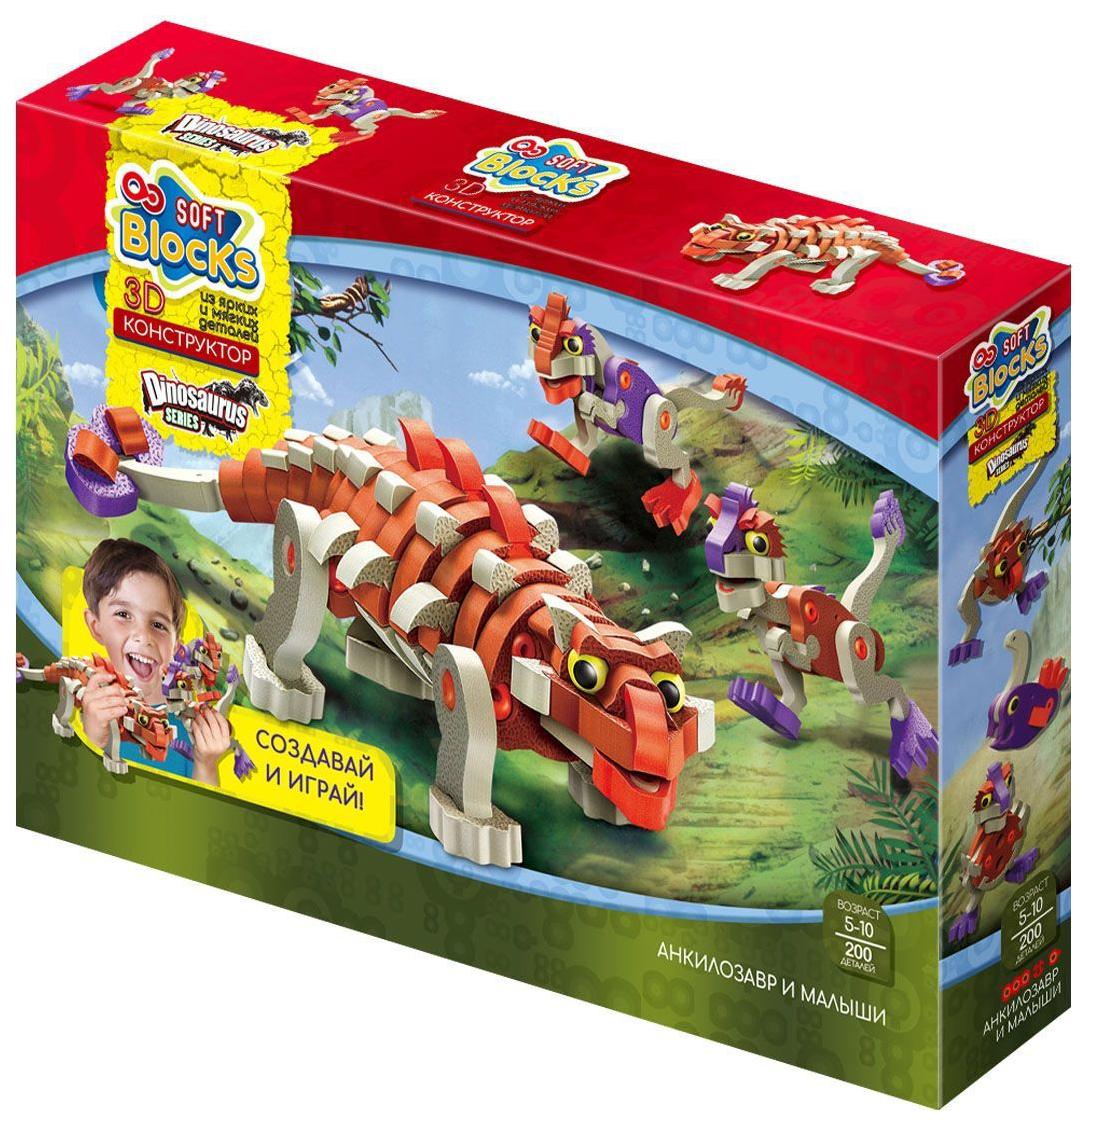 Купить Конструктор мягкий Soft Blocks Анкилозавр и малыши 200 деталей, Мягкие конструкторы